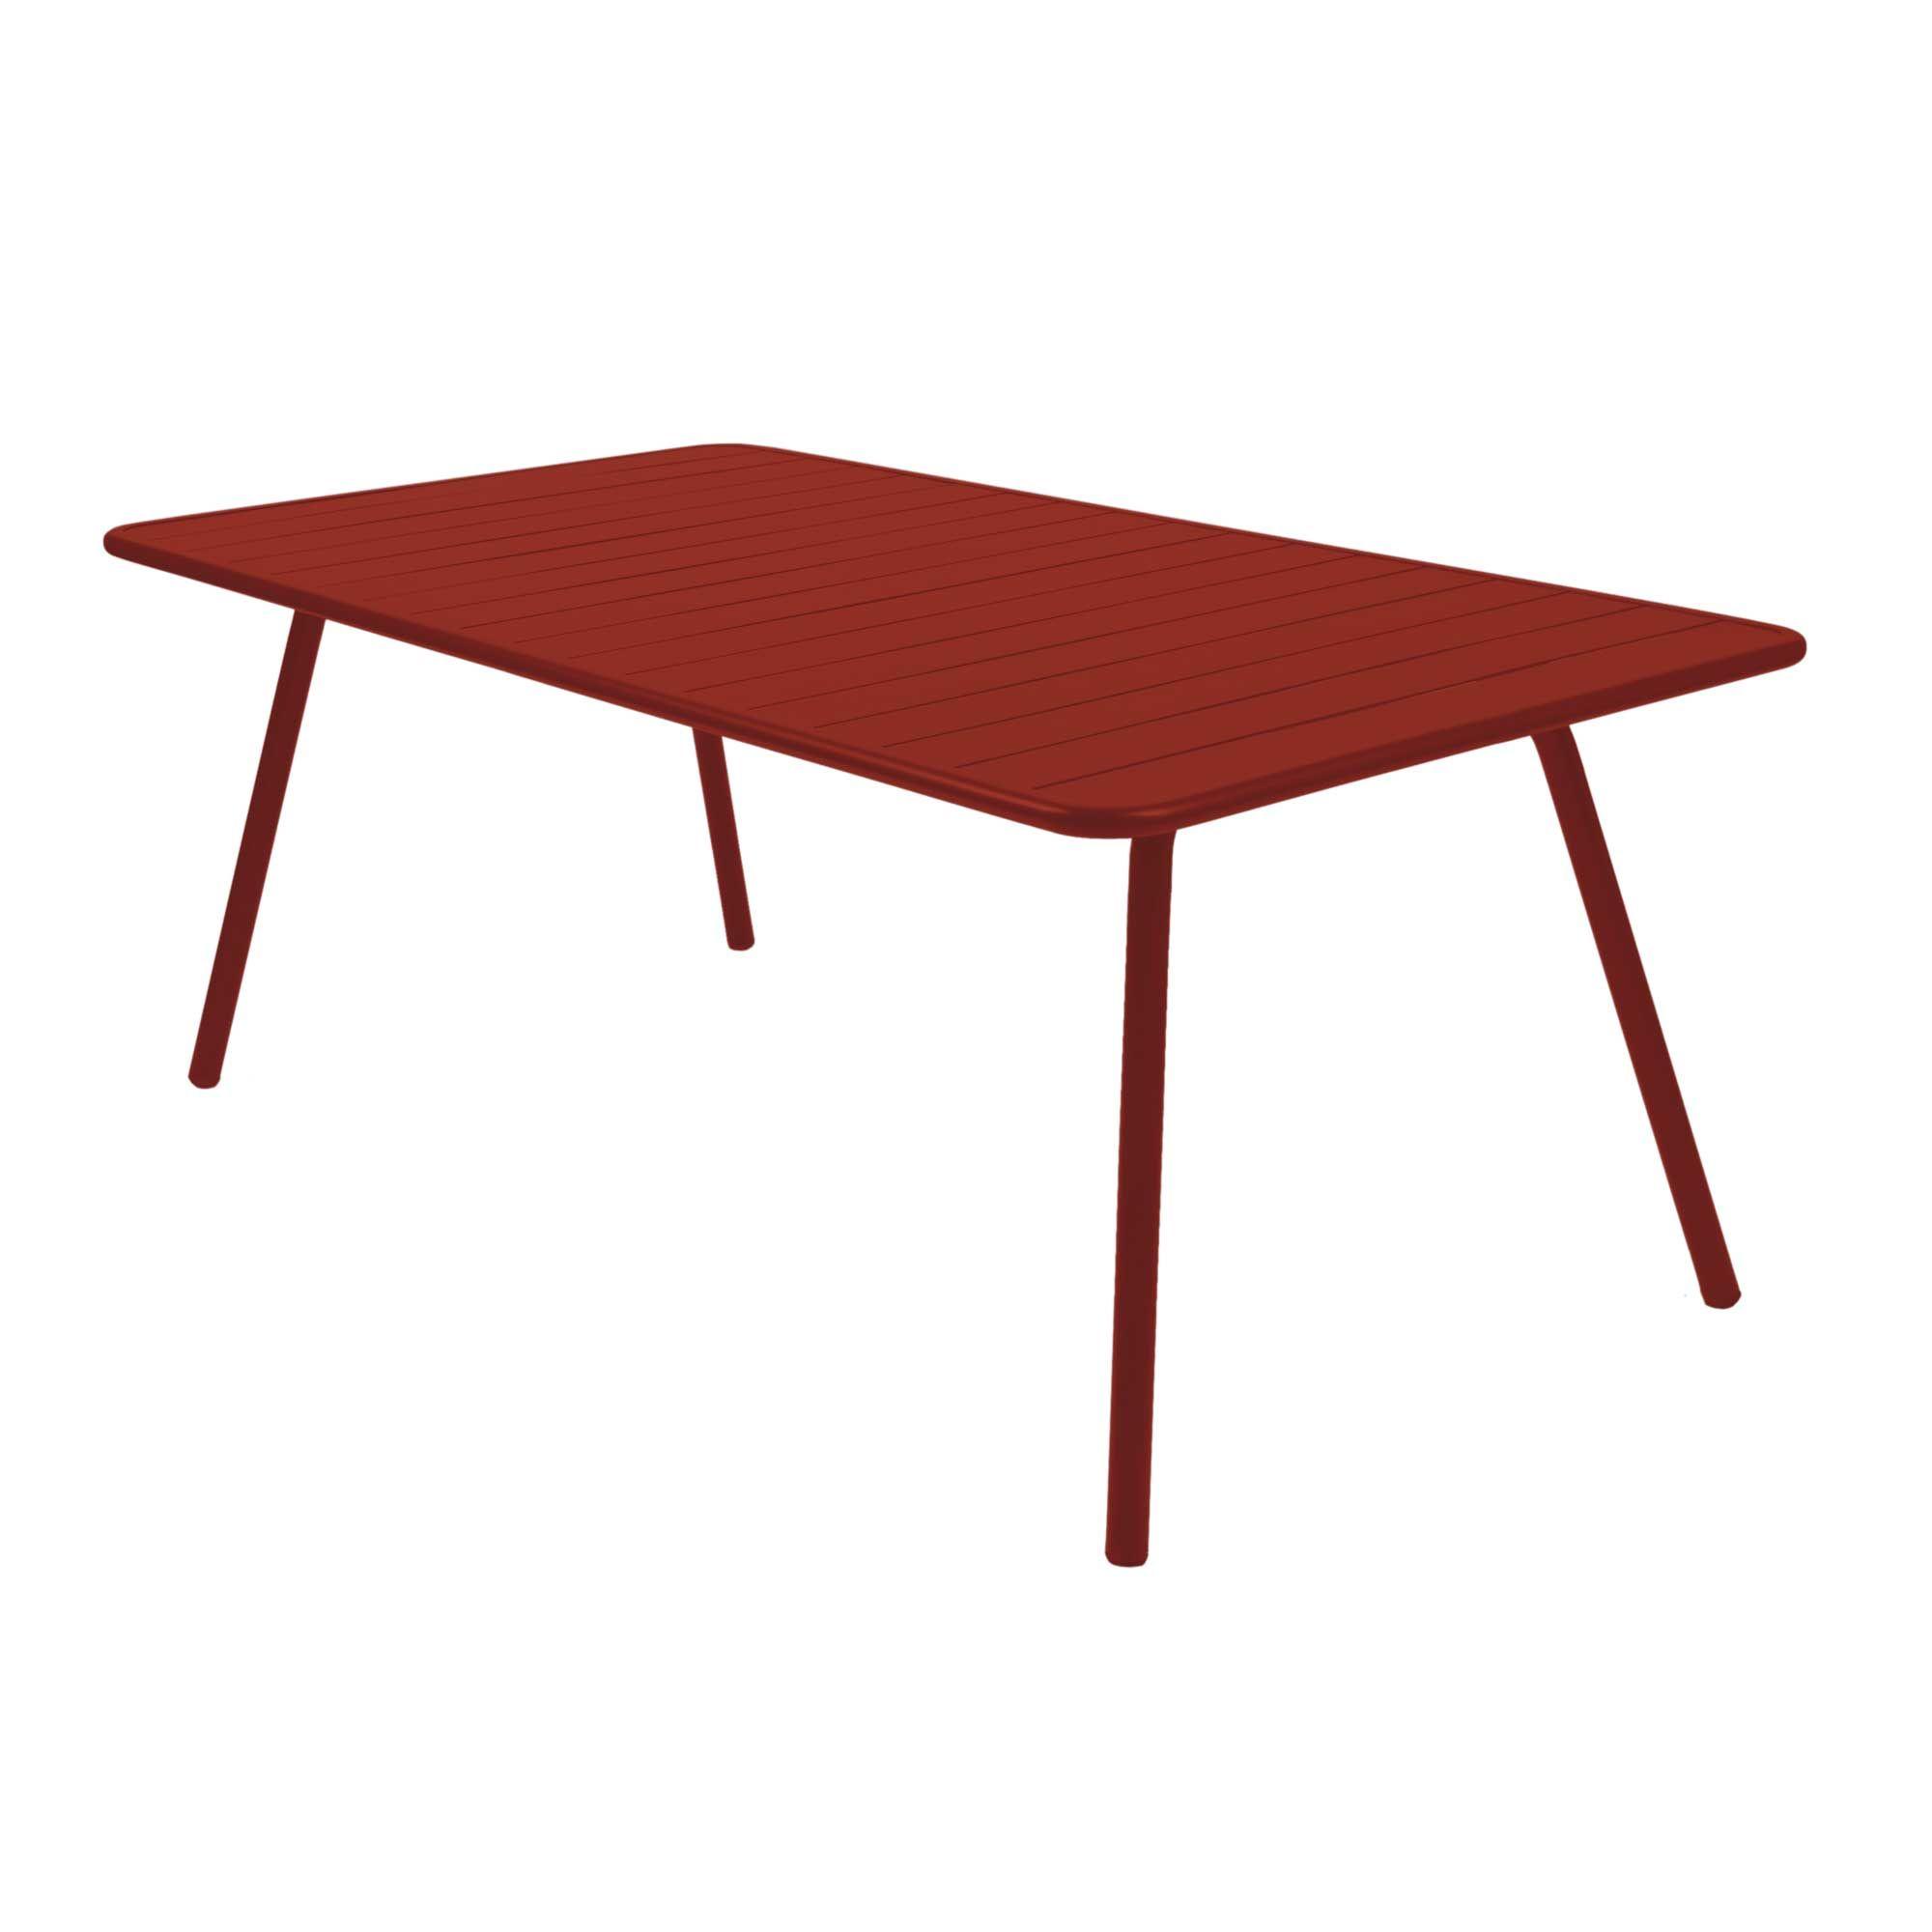 466458688612f07b8fb56997f61b6e22 Unique De Table Pliante Jardin Des Idées